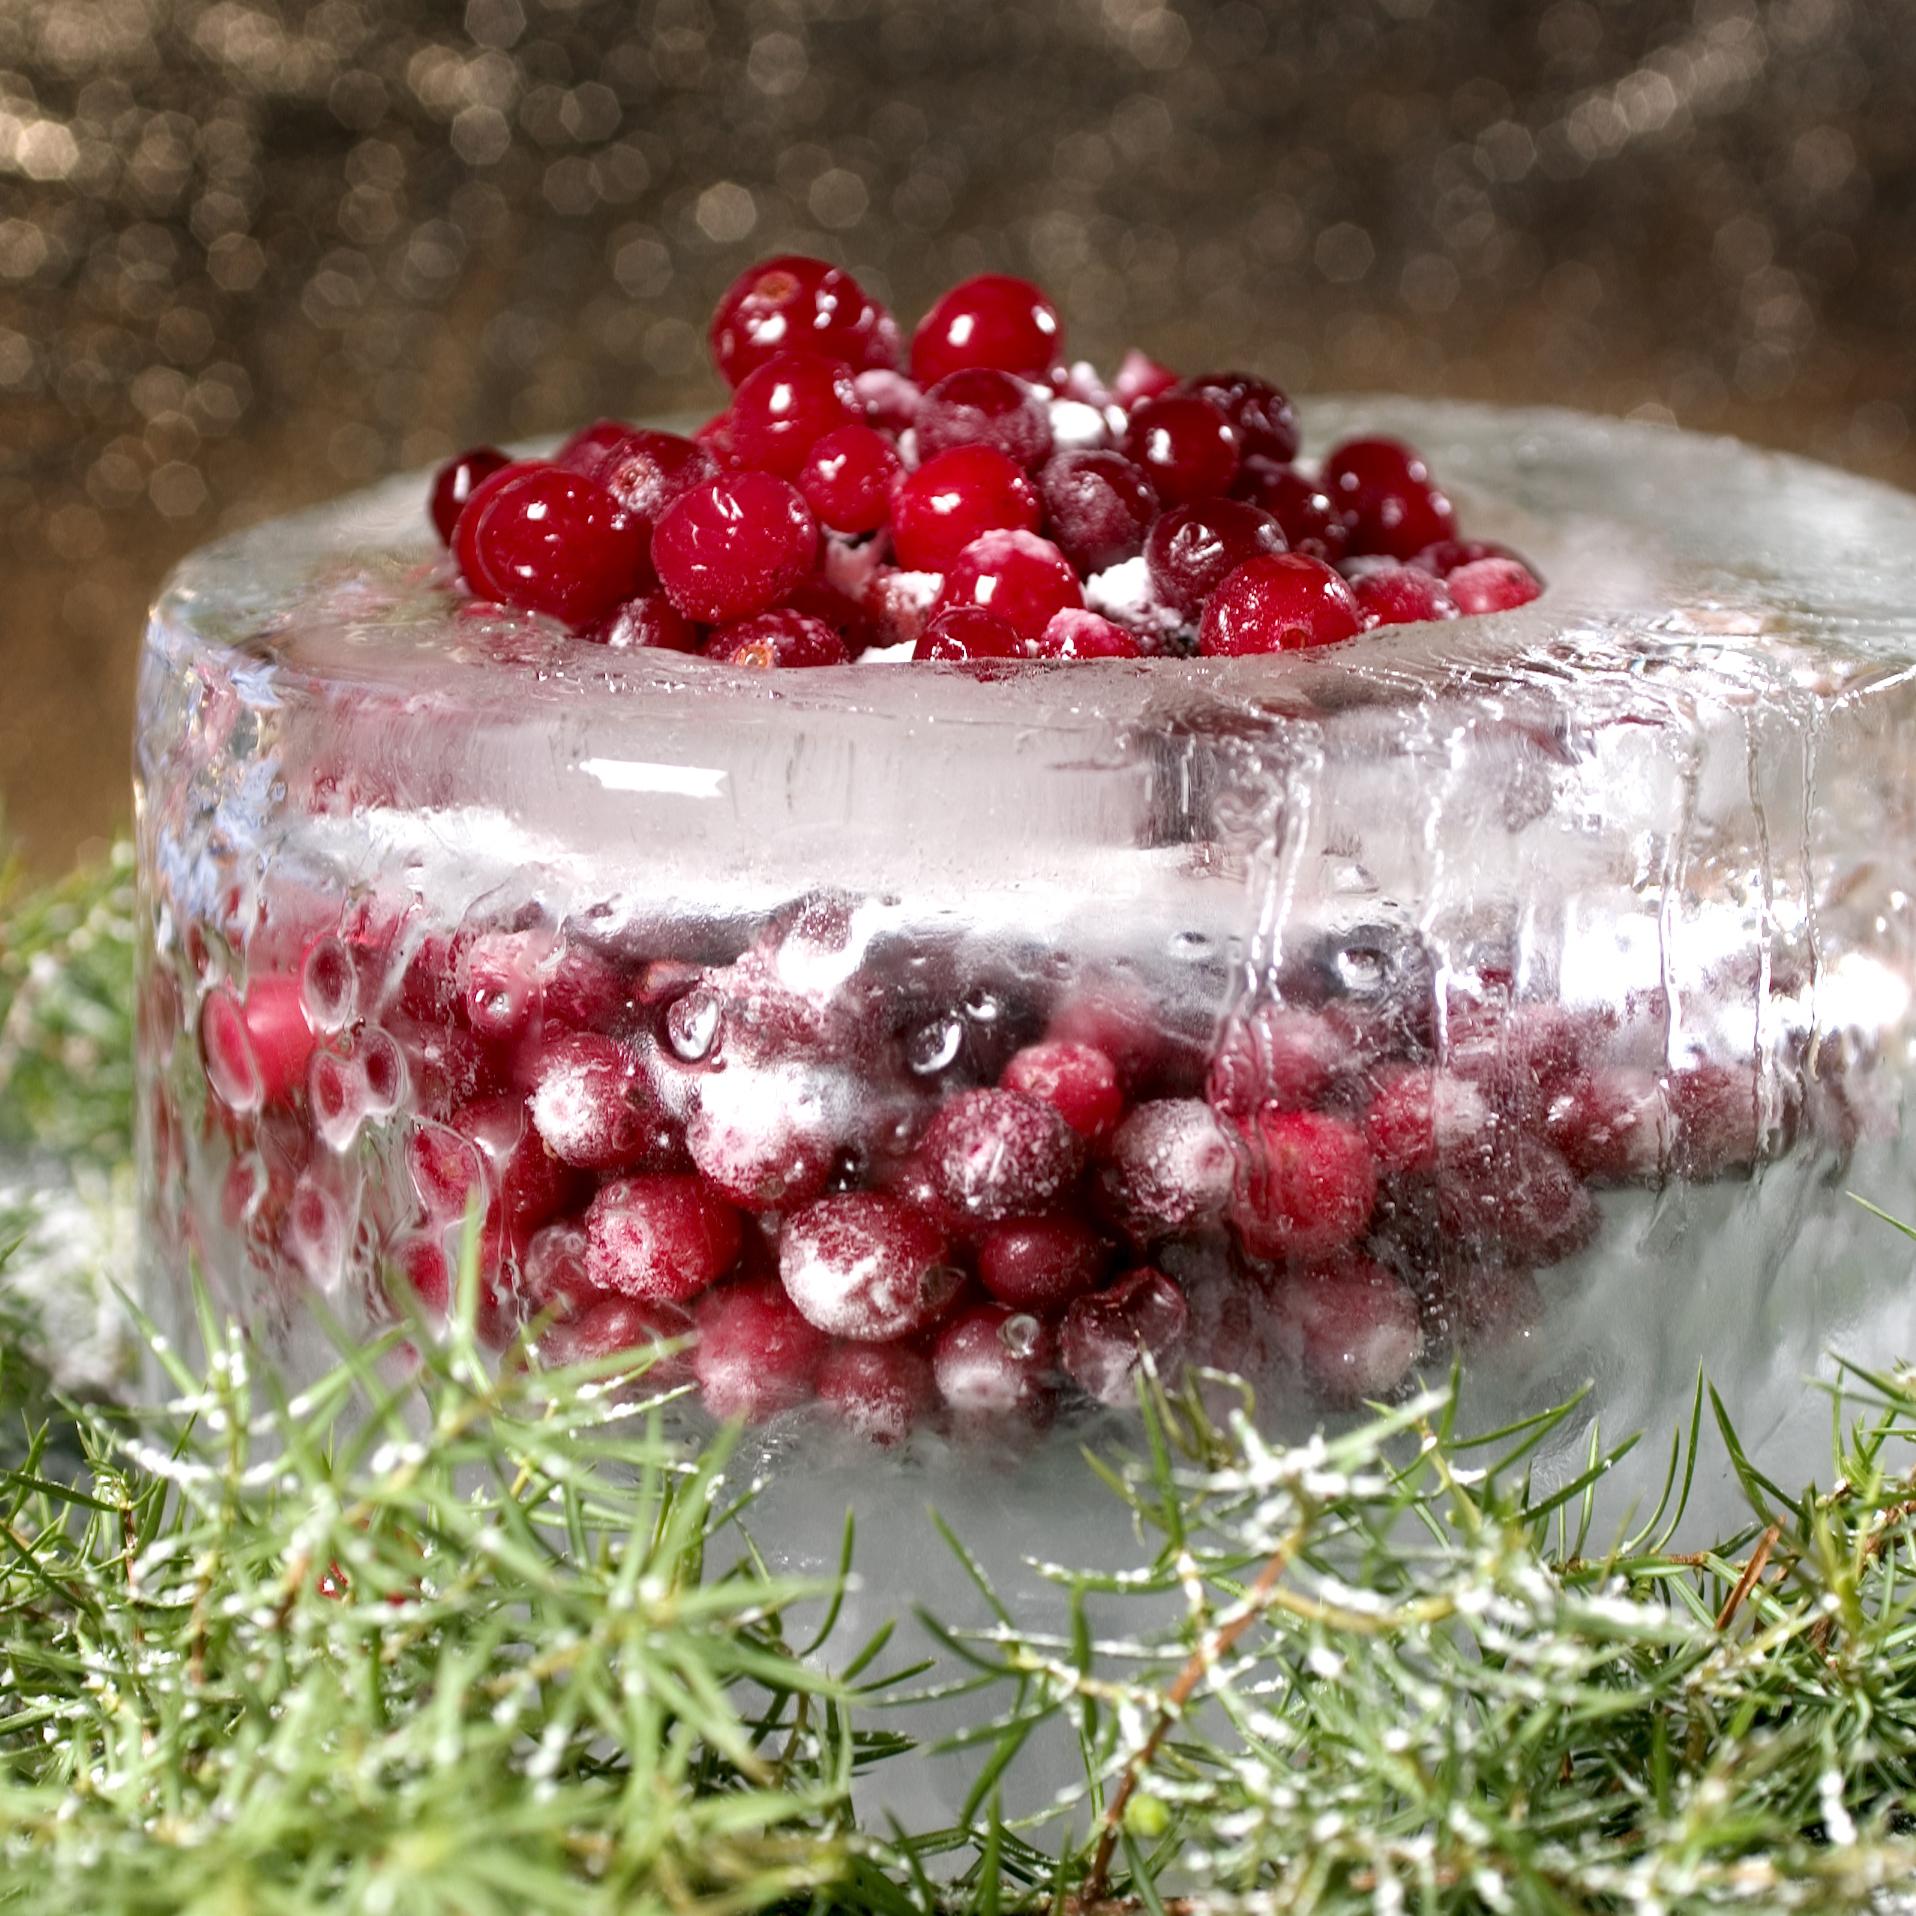 saaga-cranberries-in-icy-bowl.jpg